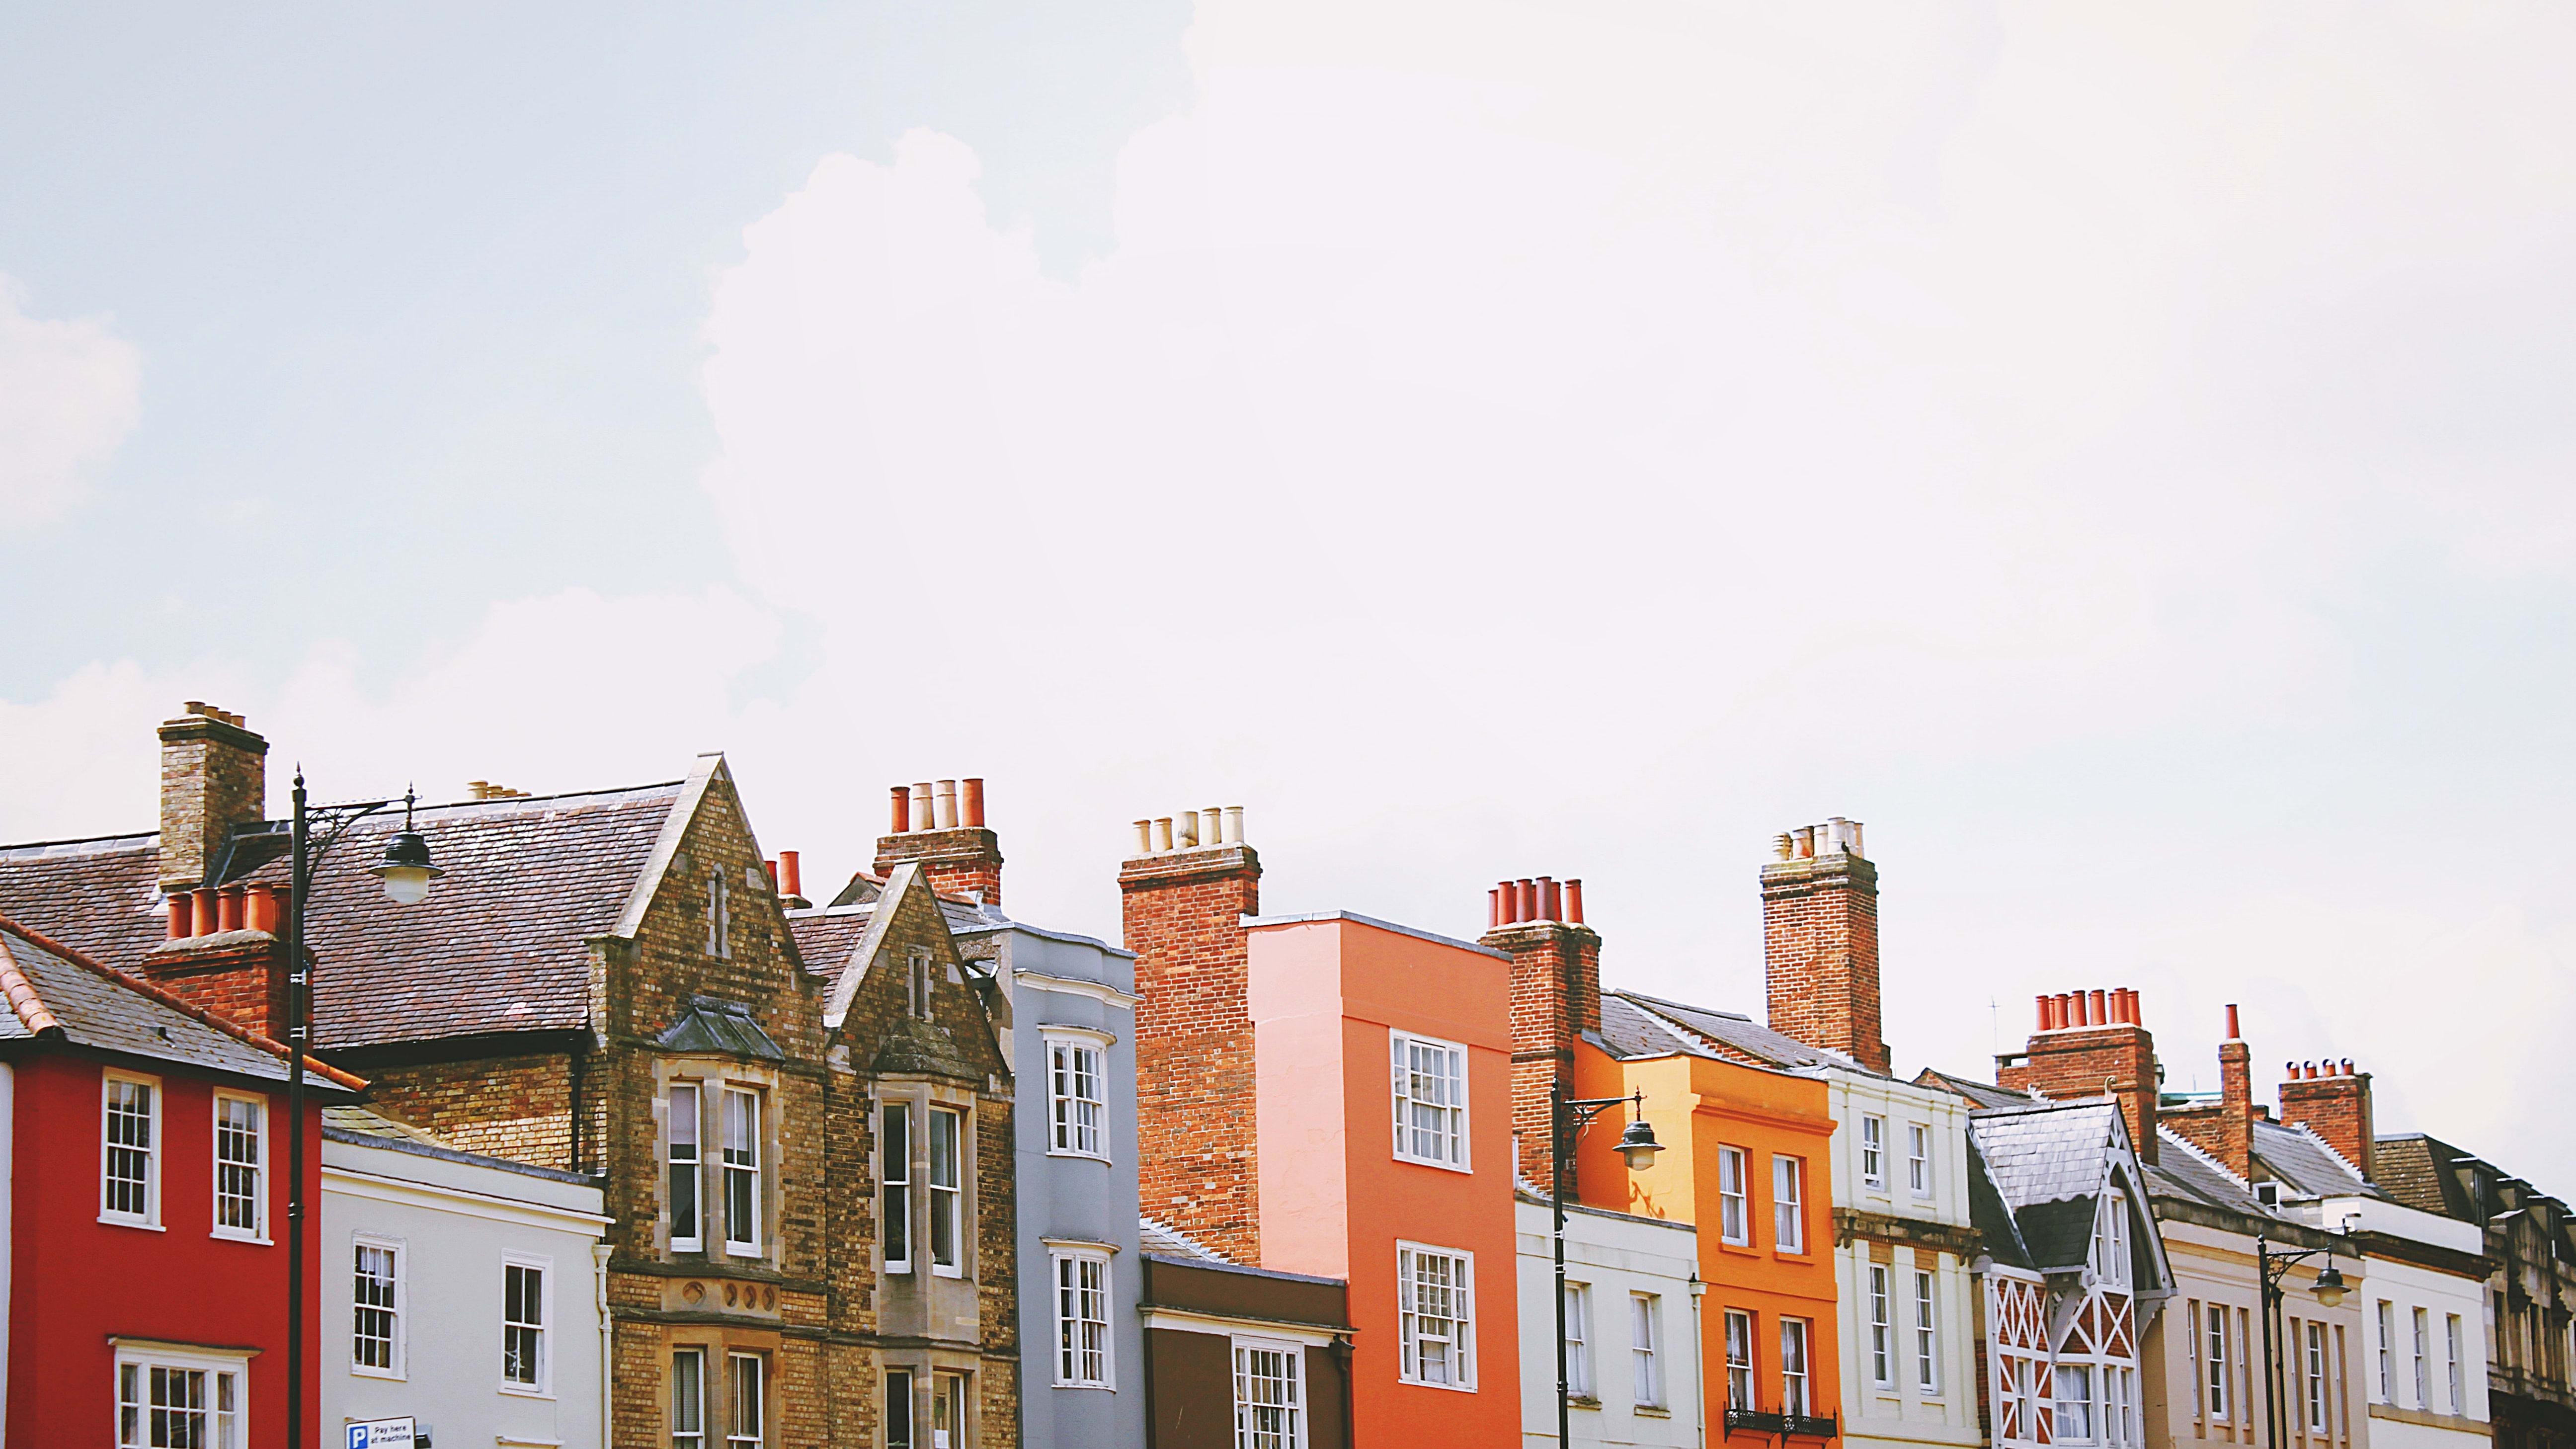 Investissement immobilier locatif dans l'ancien: trouver un bien rentable